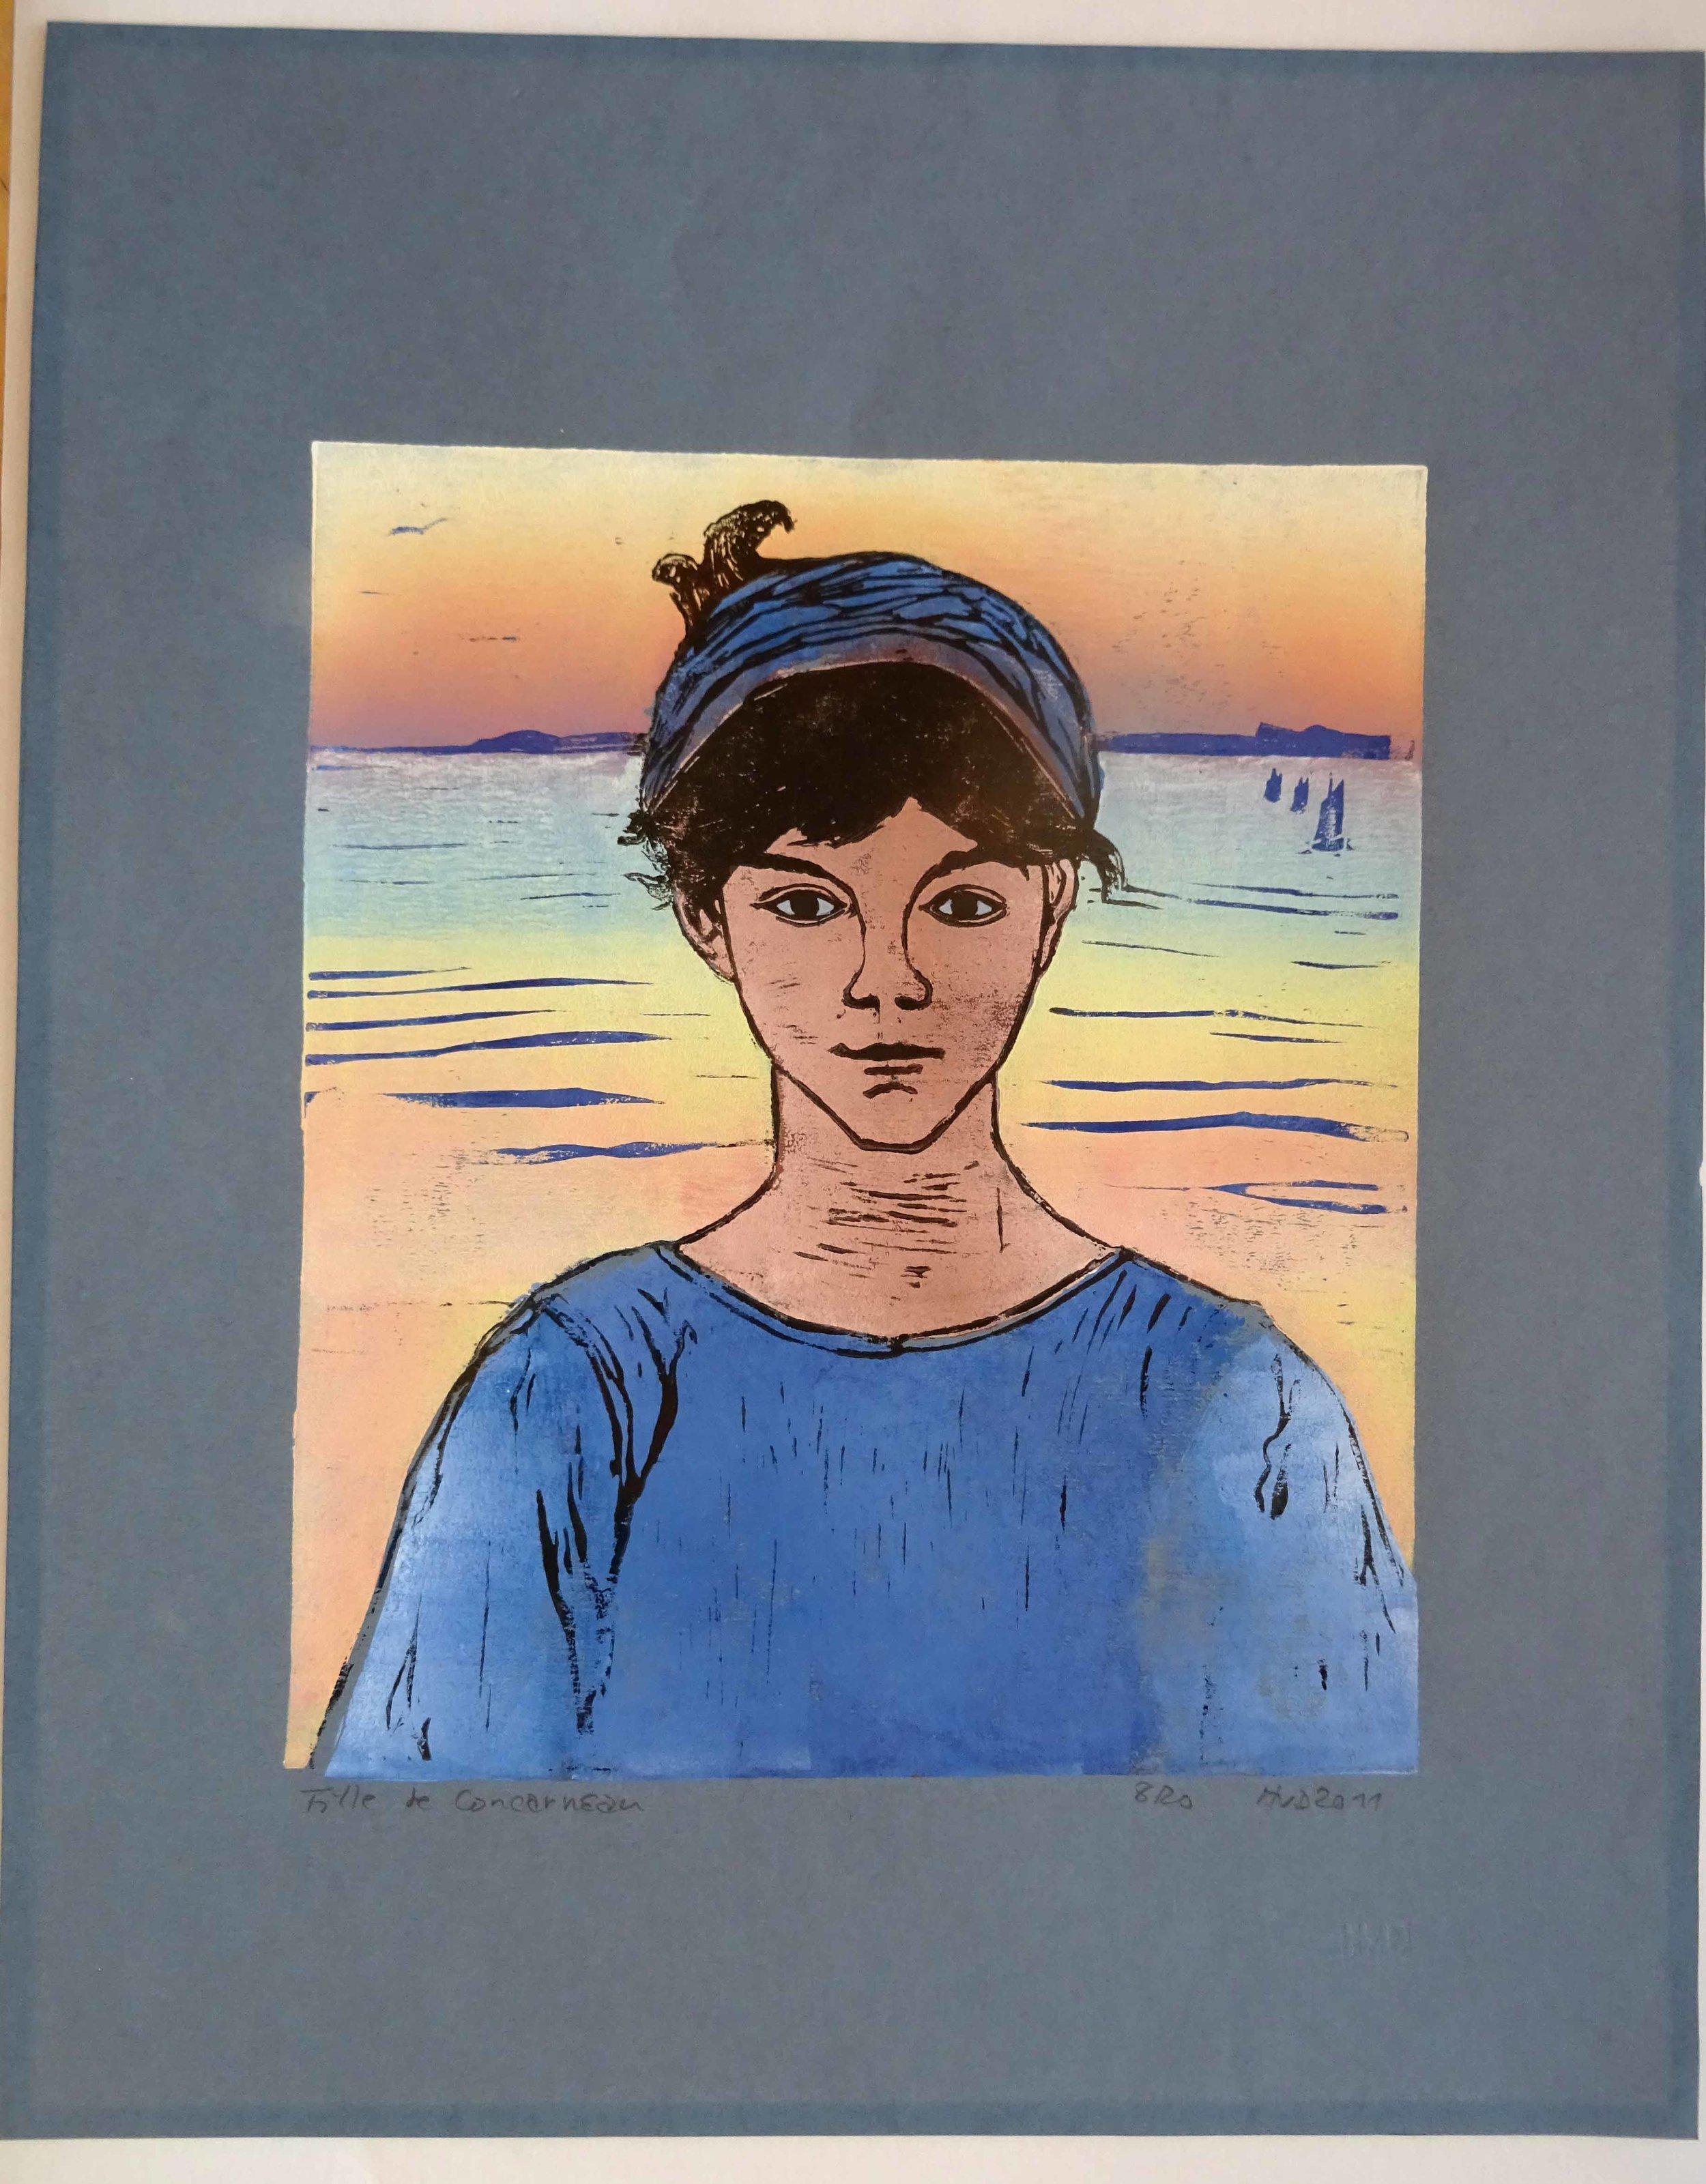 76 - fille de Concarneau, 3-plate lino 31x26 cm on grey paper 50x40 cm, 140 €